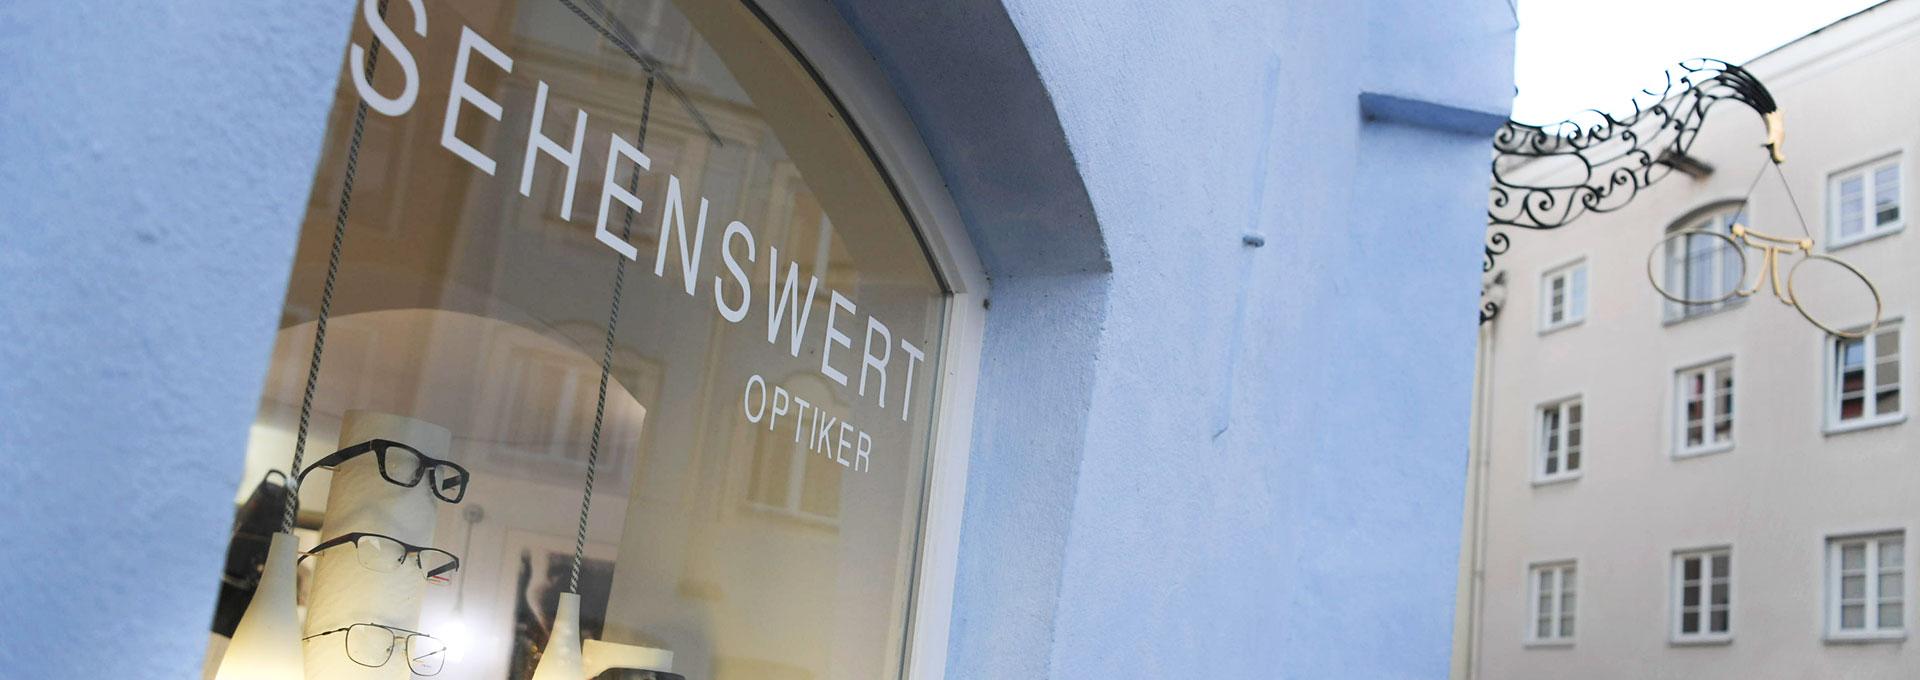 sehenswert-optiker-wasserburg-leistungen